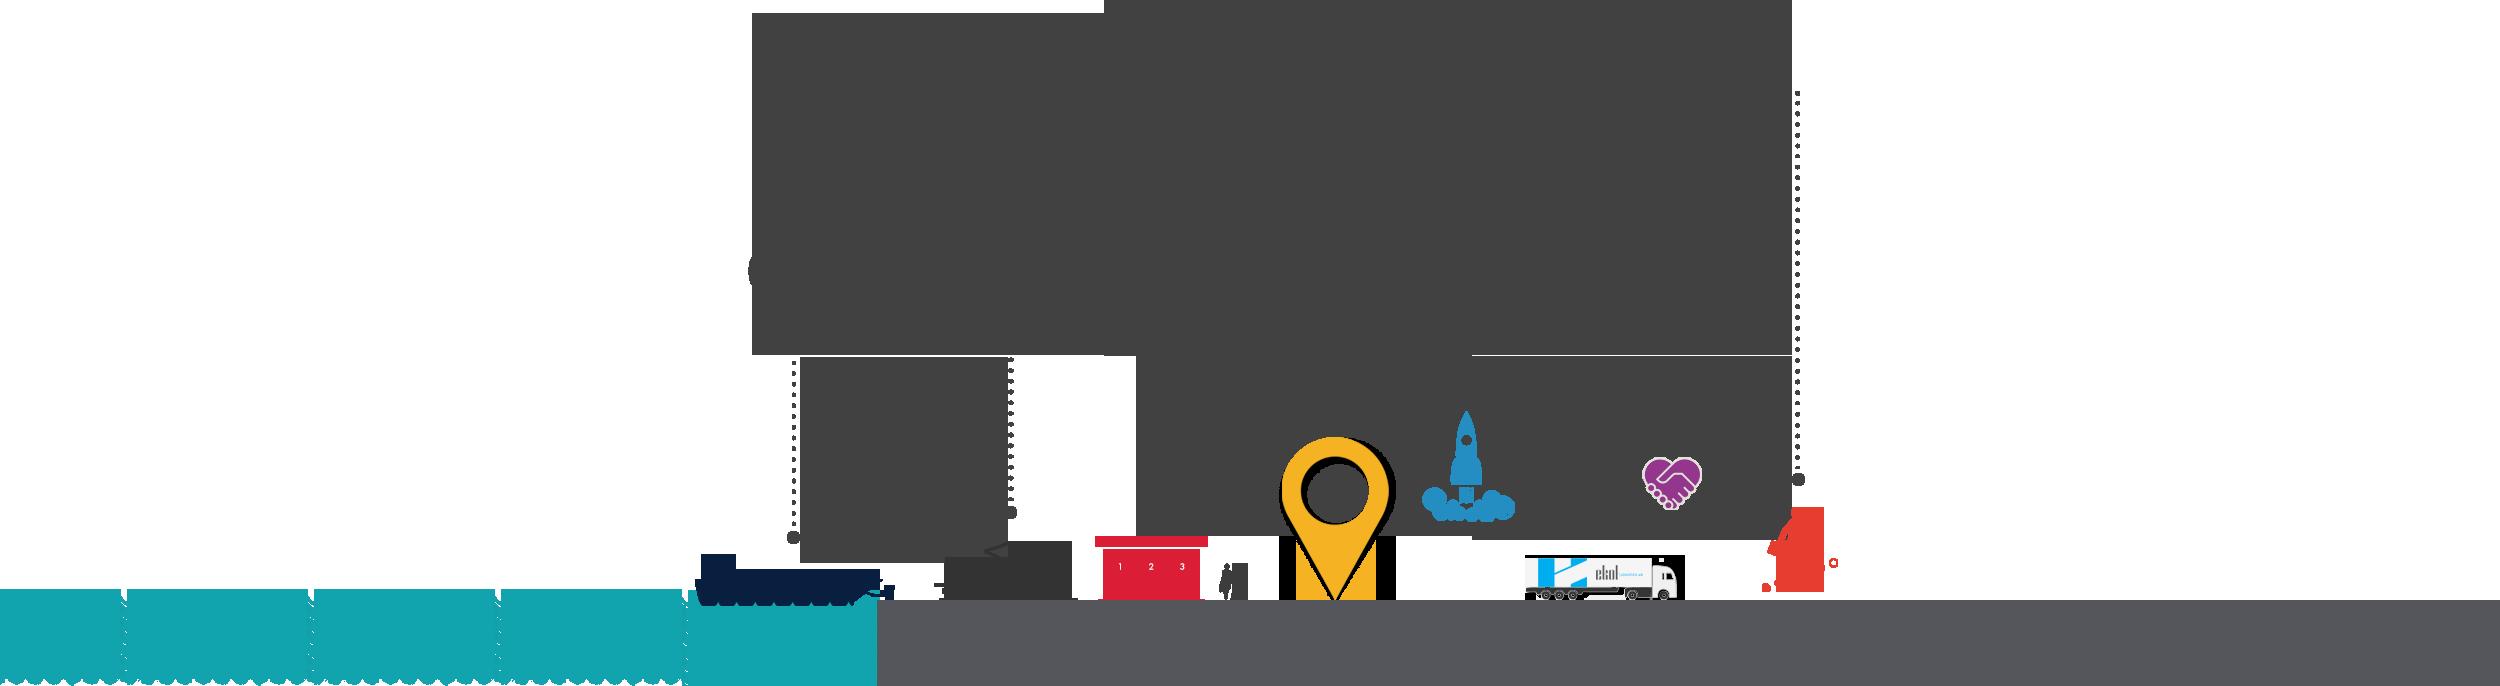 Ekol Logistics Infography